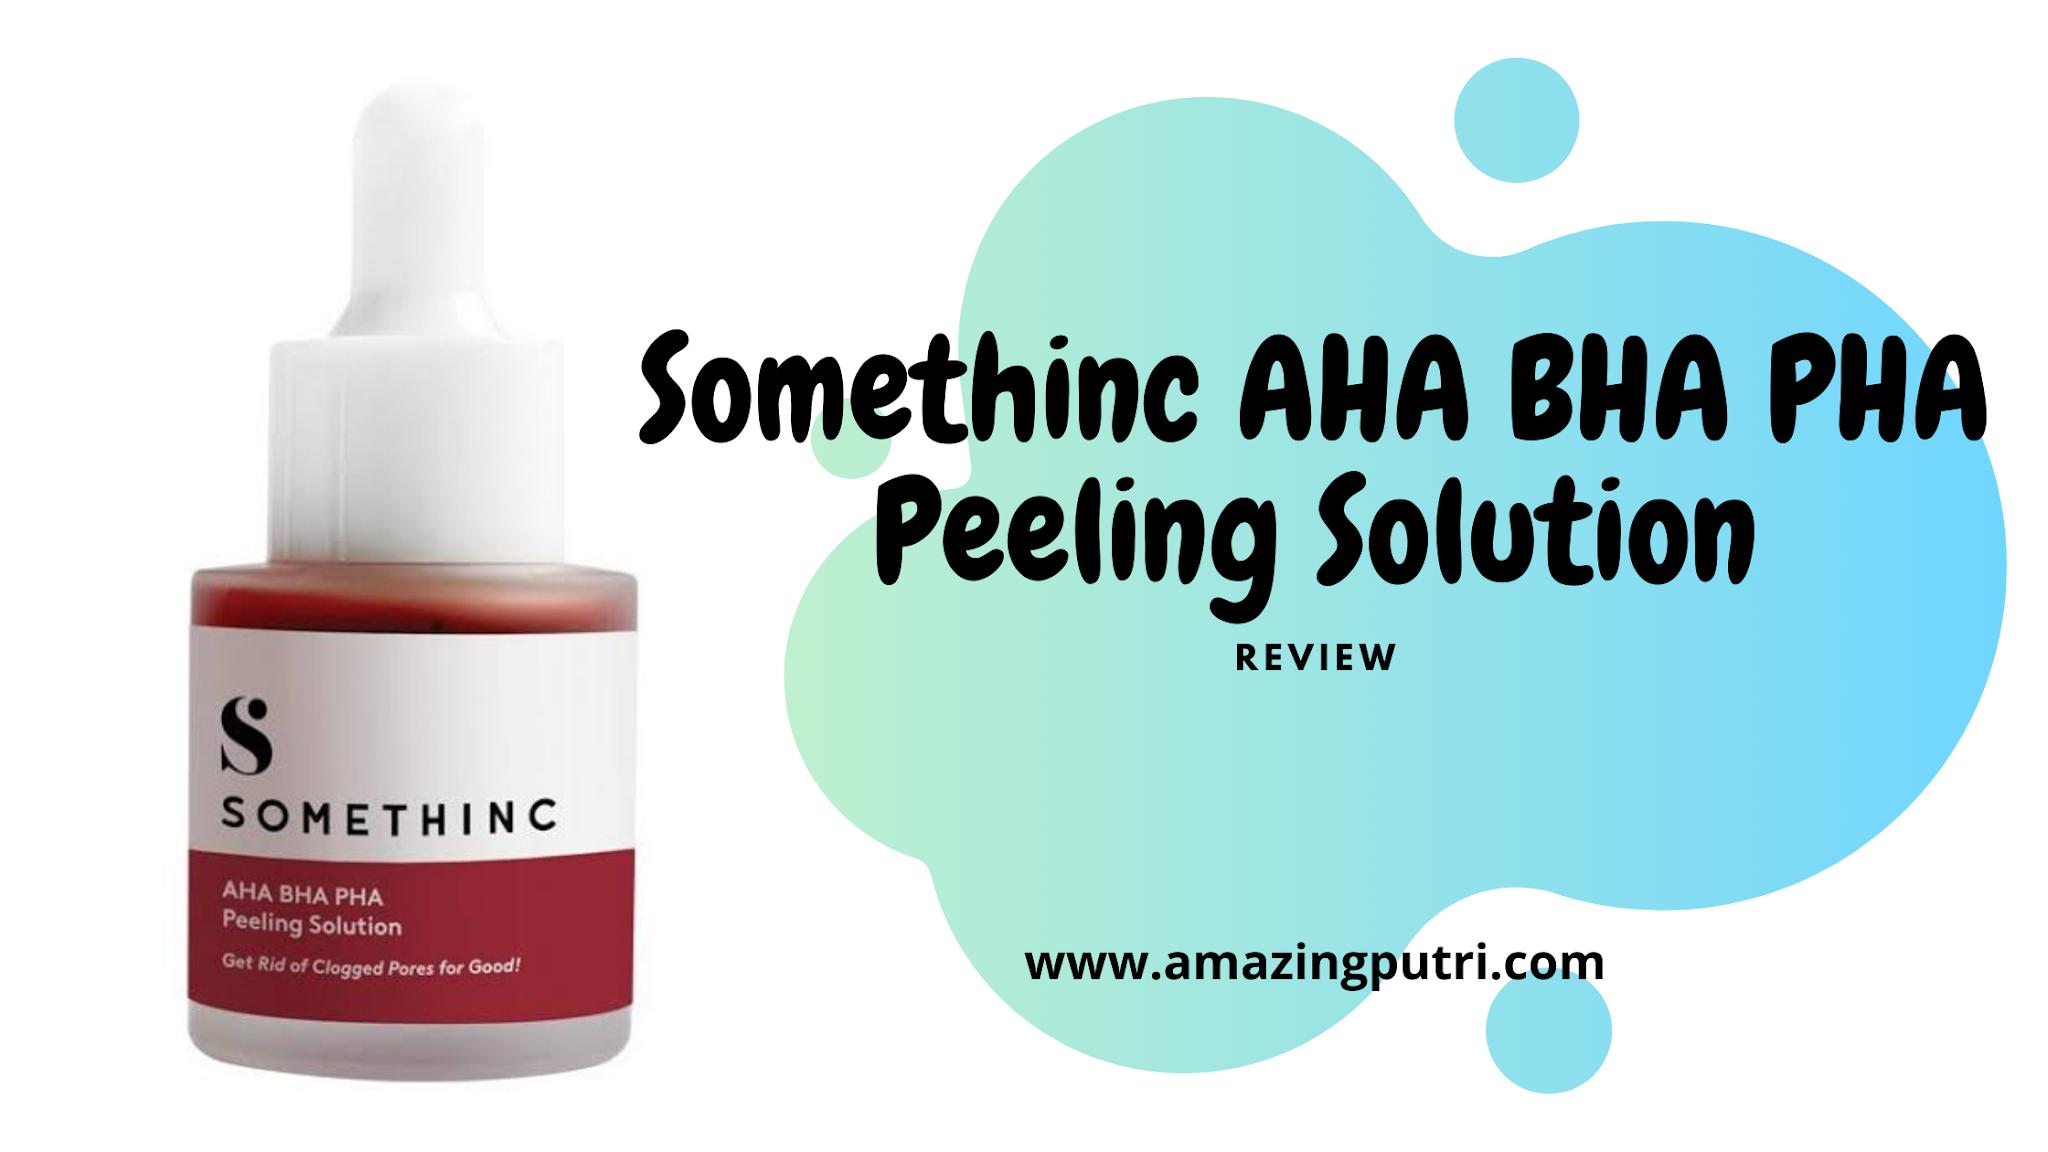 Review Somethinc AHA BHA PHA Peeling Solution